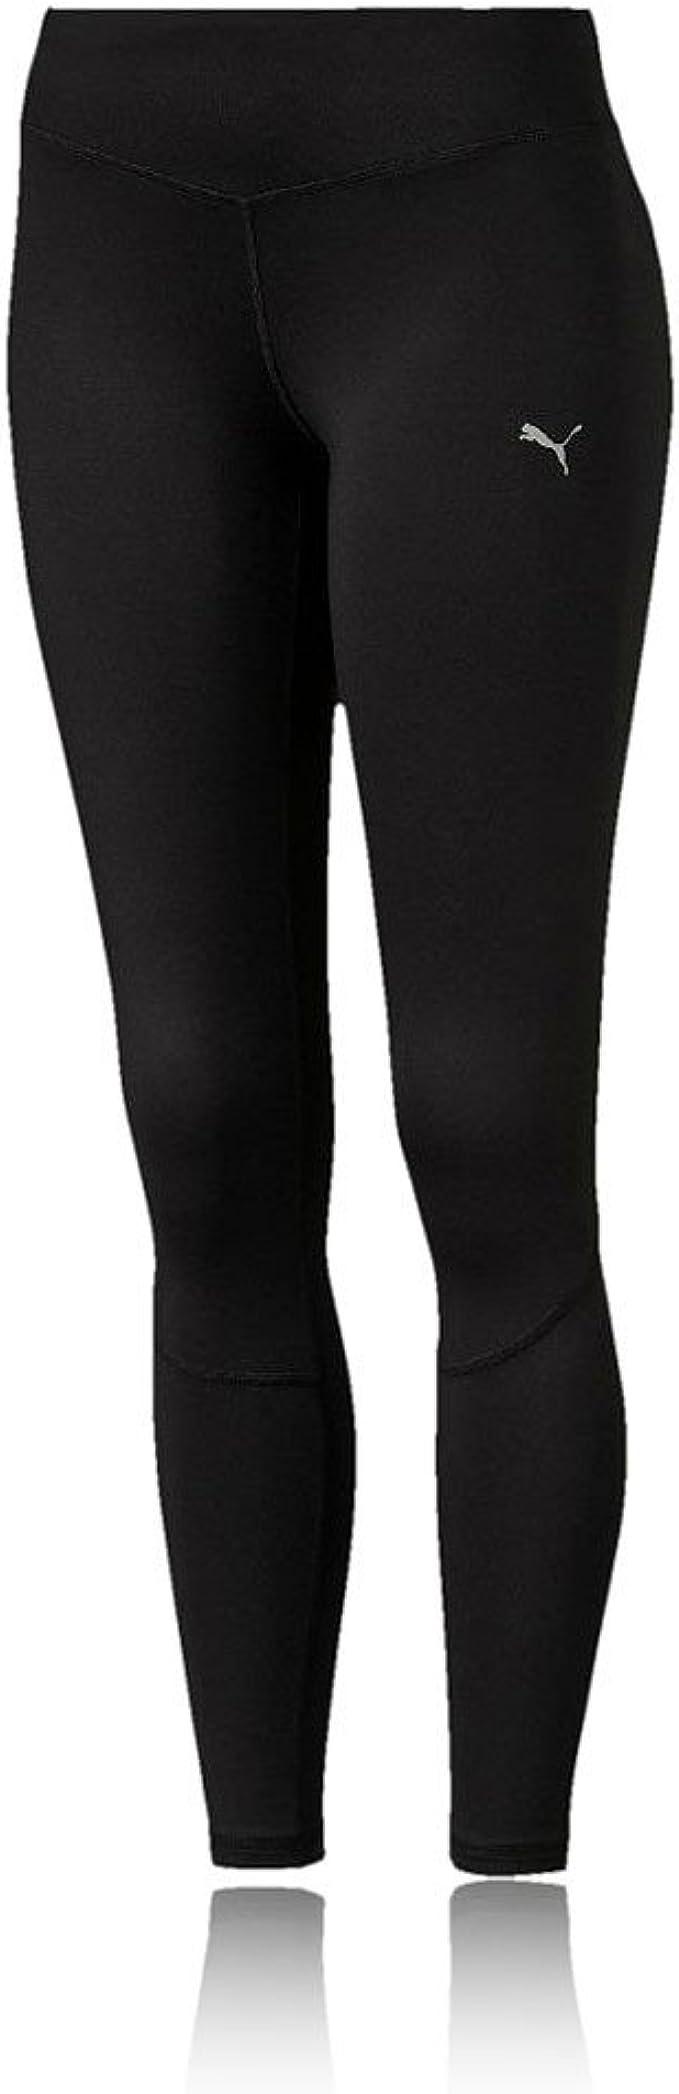 TALLA XS. PUMA Pantalones pwrwarm Mallas W, Black